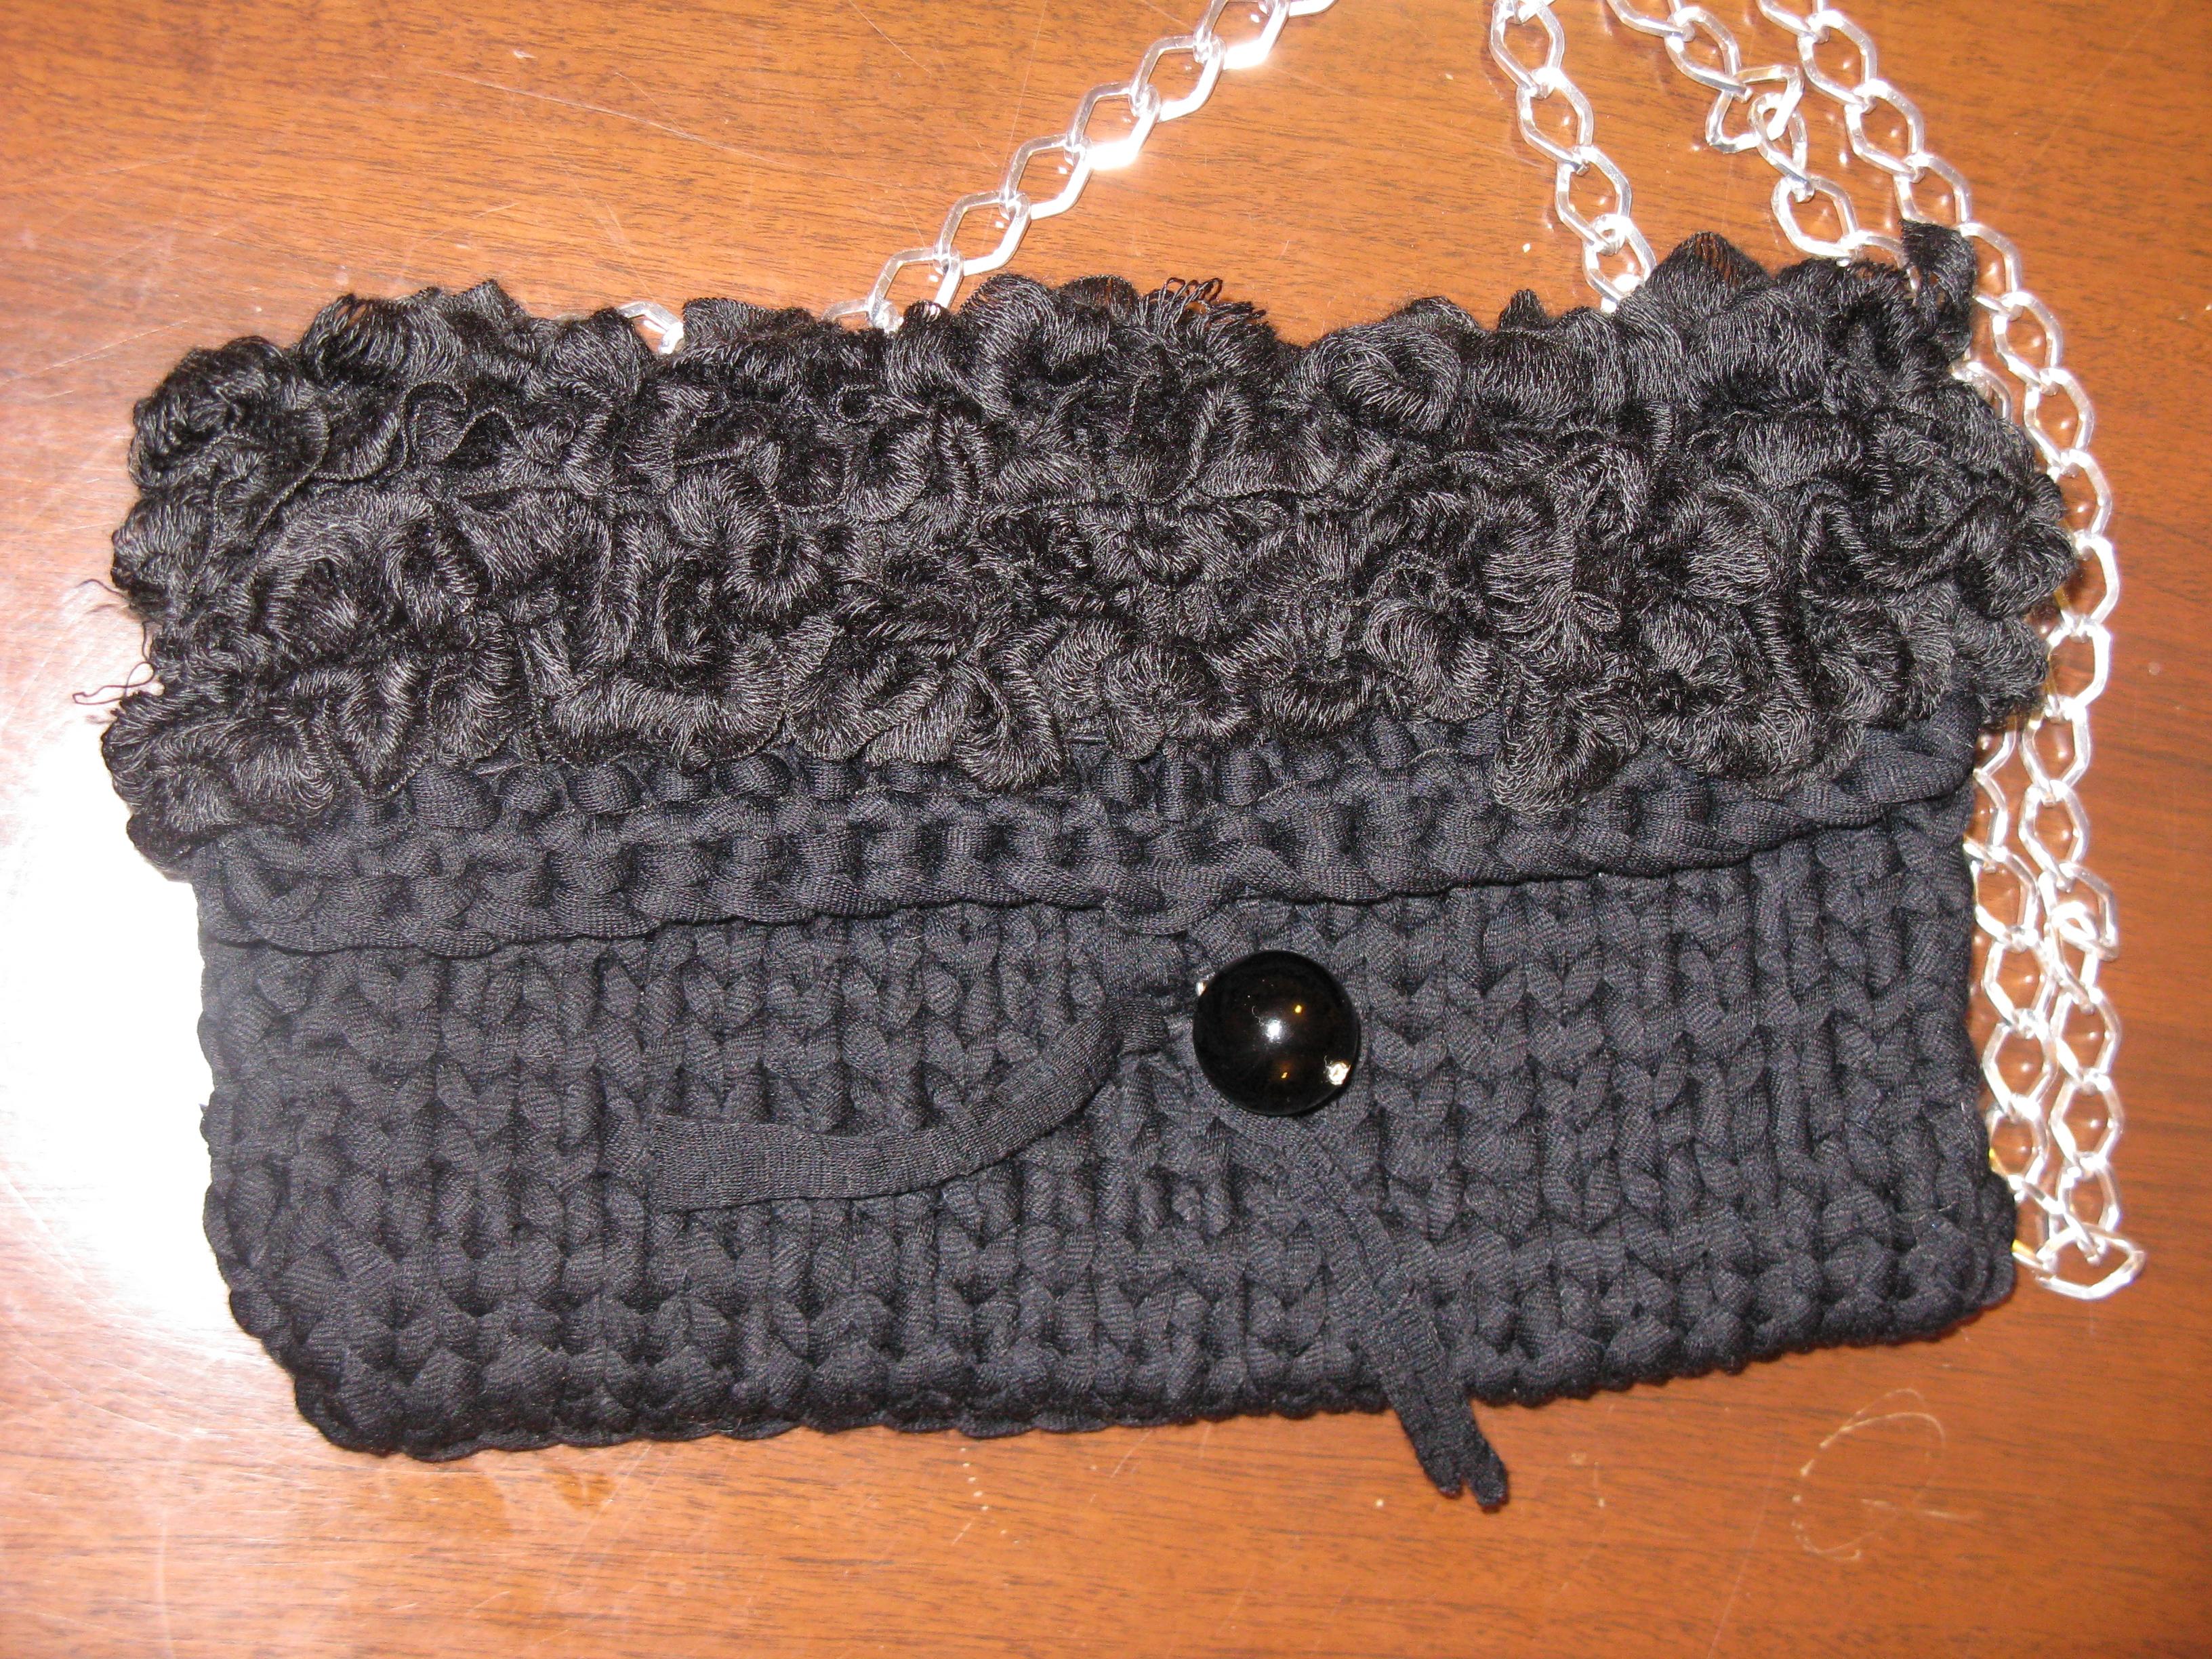 Borse Cotone Ferri : Borse di lana e cotone angiecreation borsa